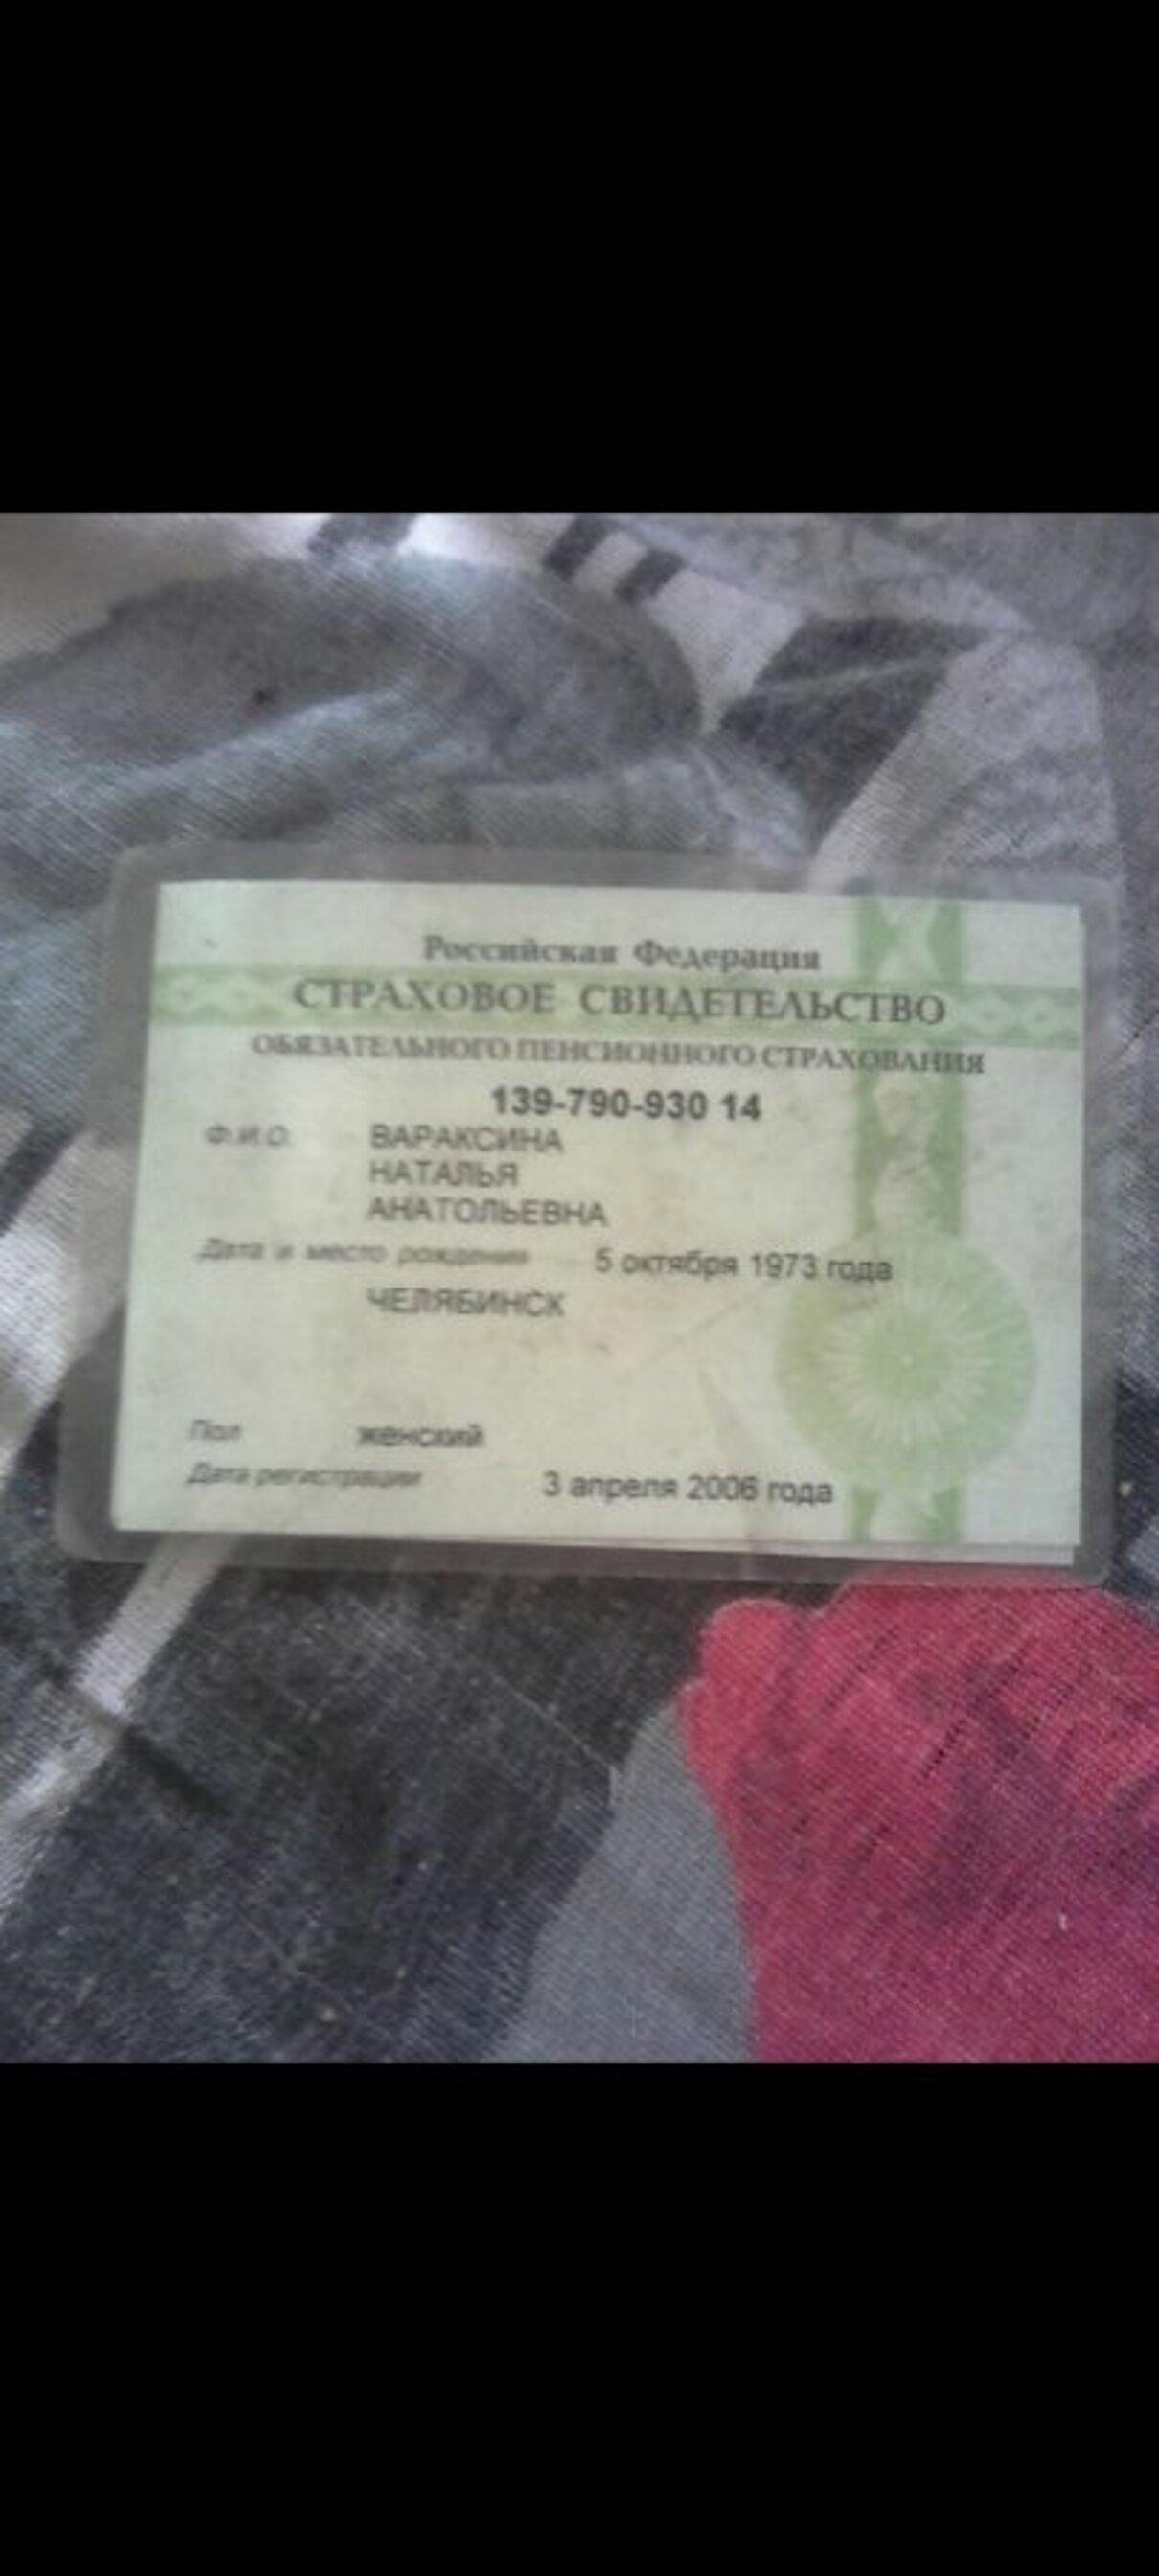 Жалоба-отзыв: Наталья Вараксина - Якобы распространяет новую посуду ROYAL с магнита.  Фото №2